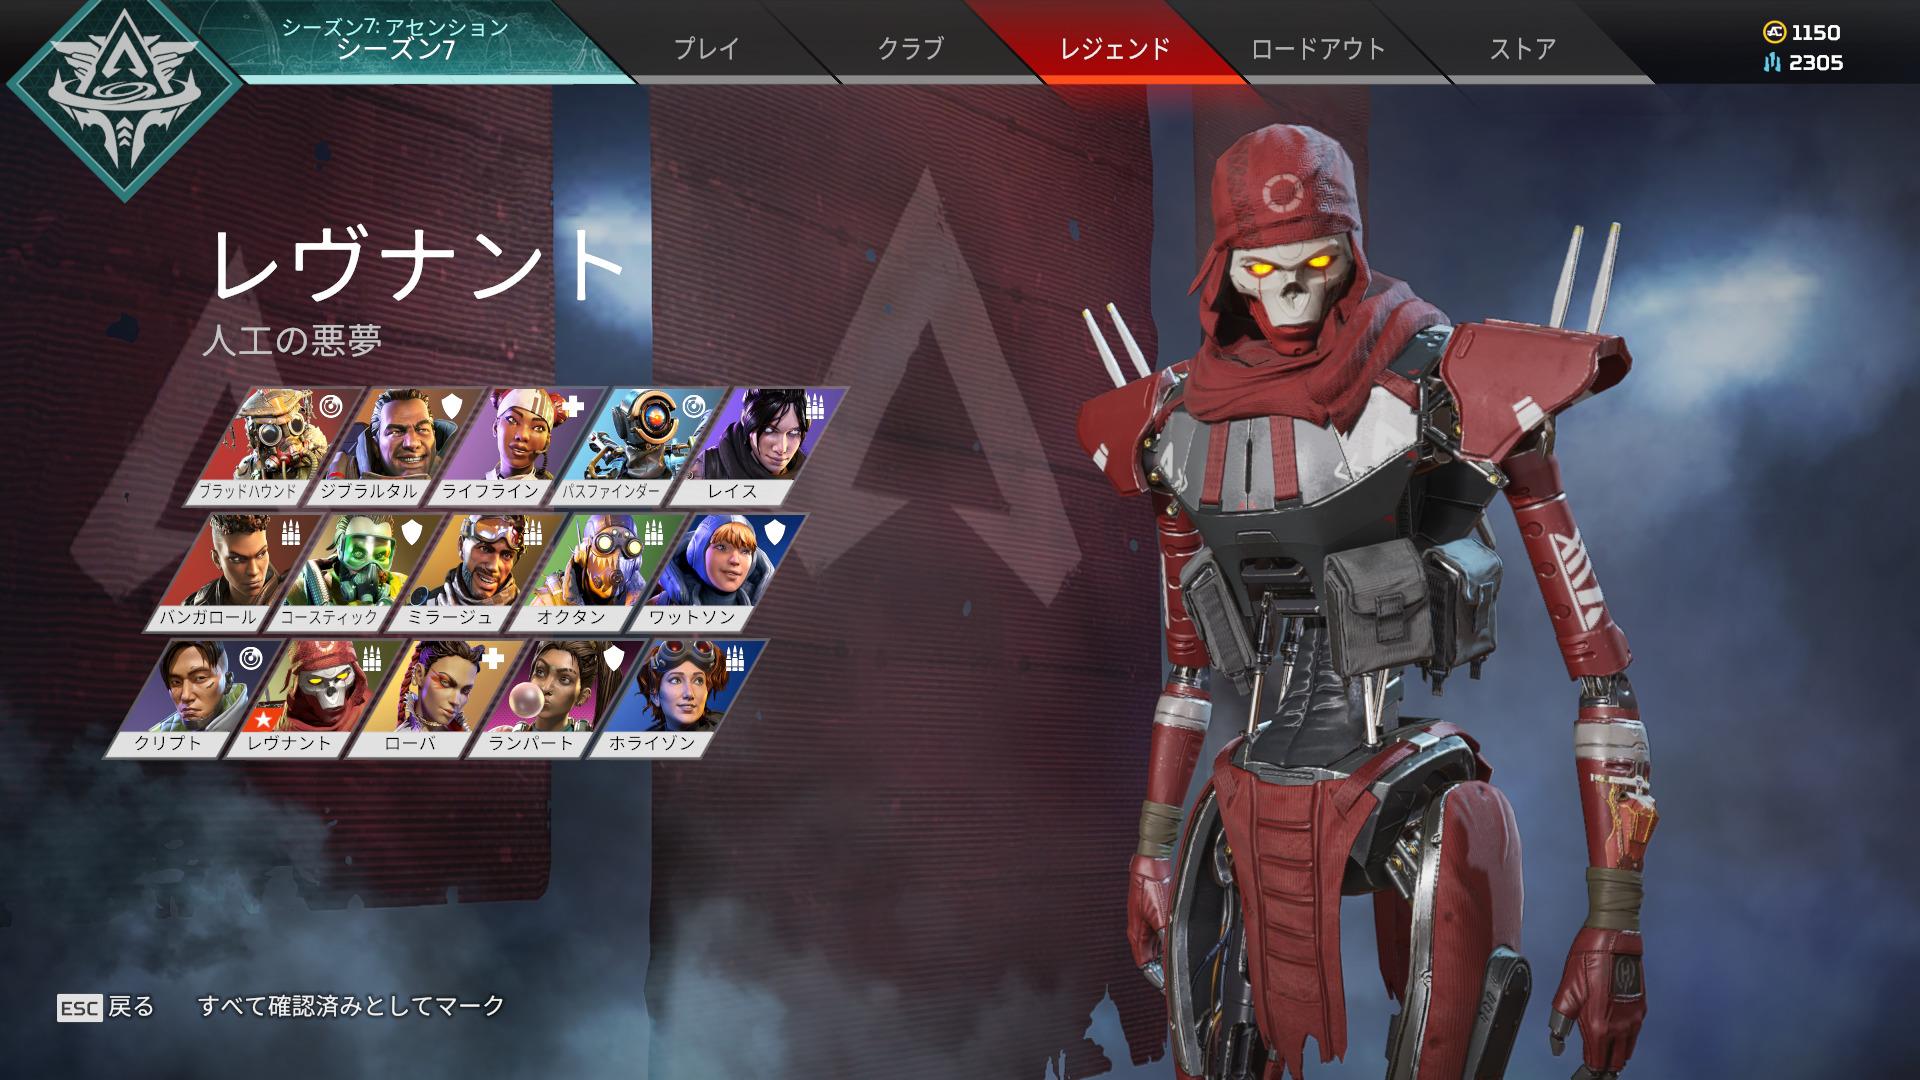 【Apex Legends】レヴナント 日本語セリフ一覧【基本ボイス】【エーペックスレジェンズ】